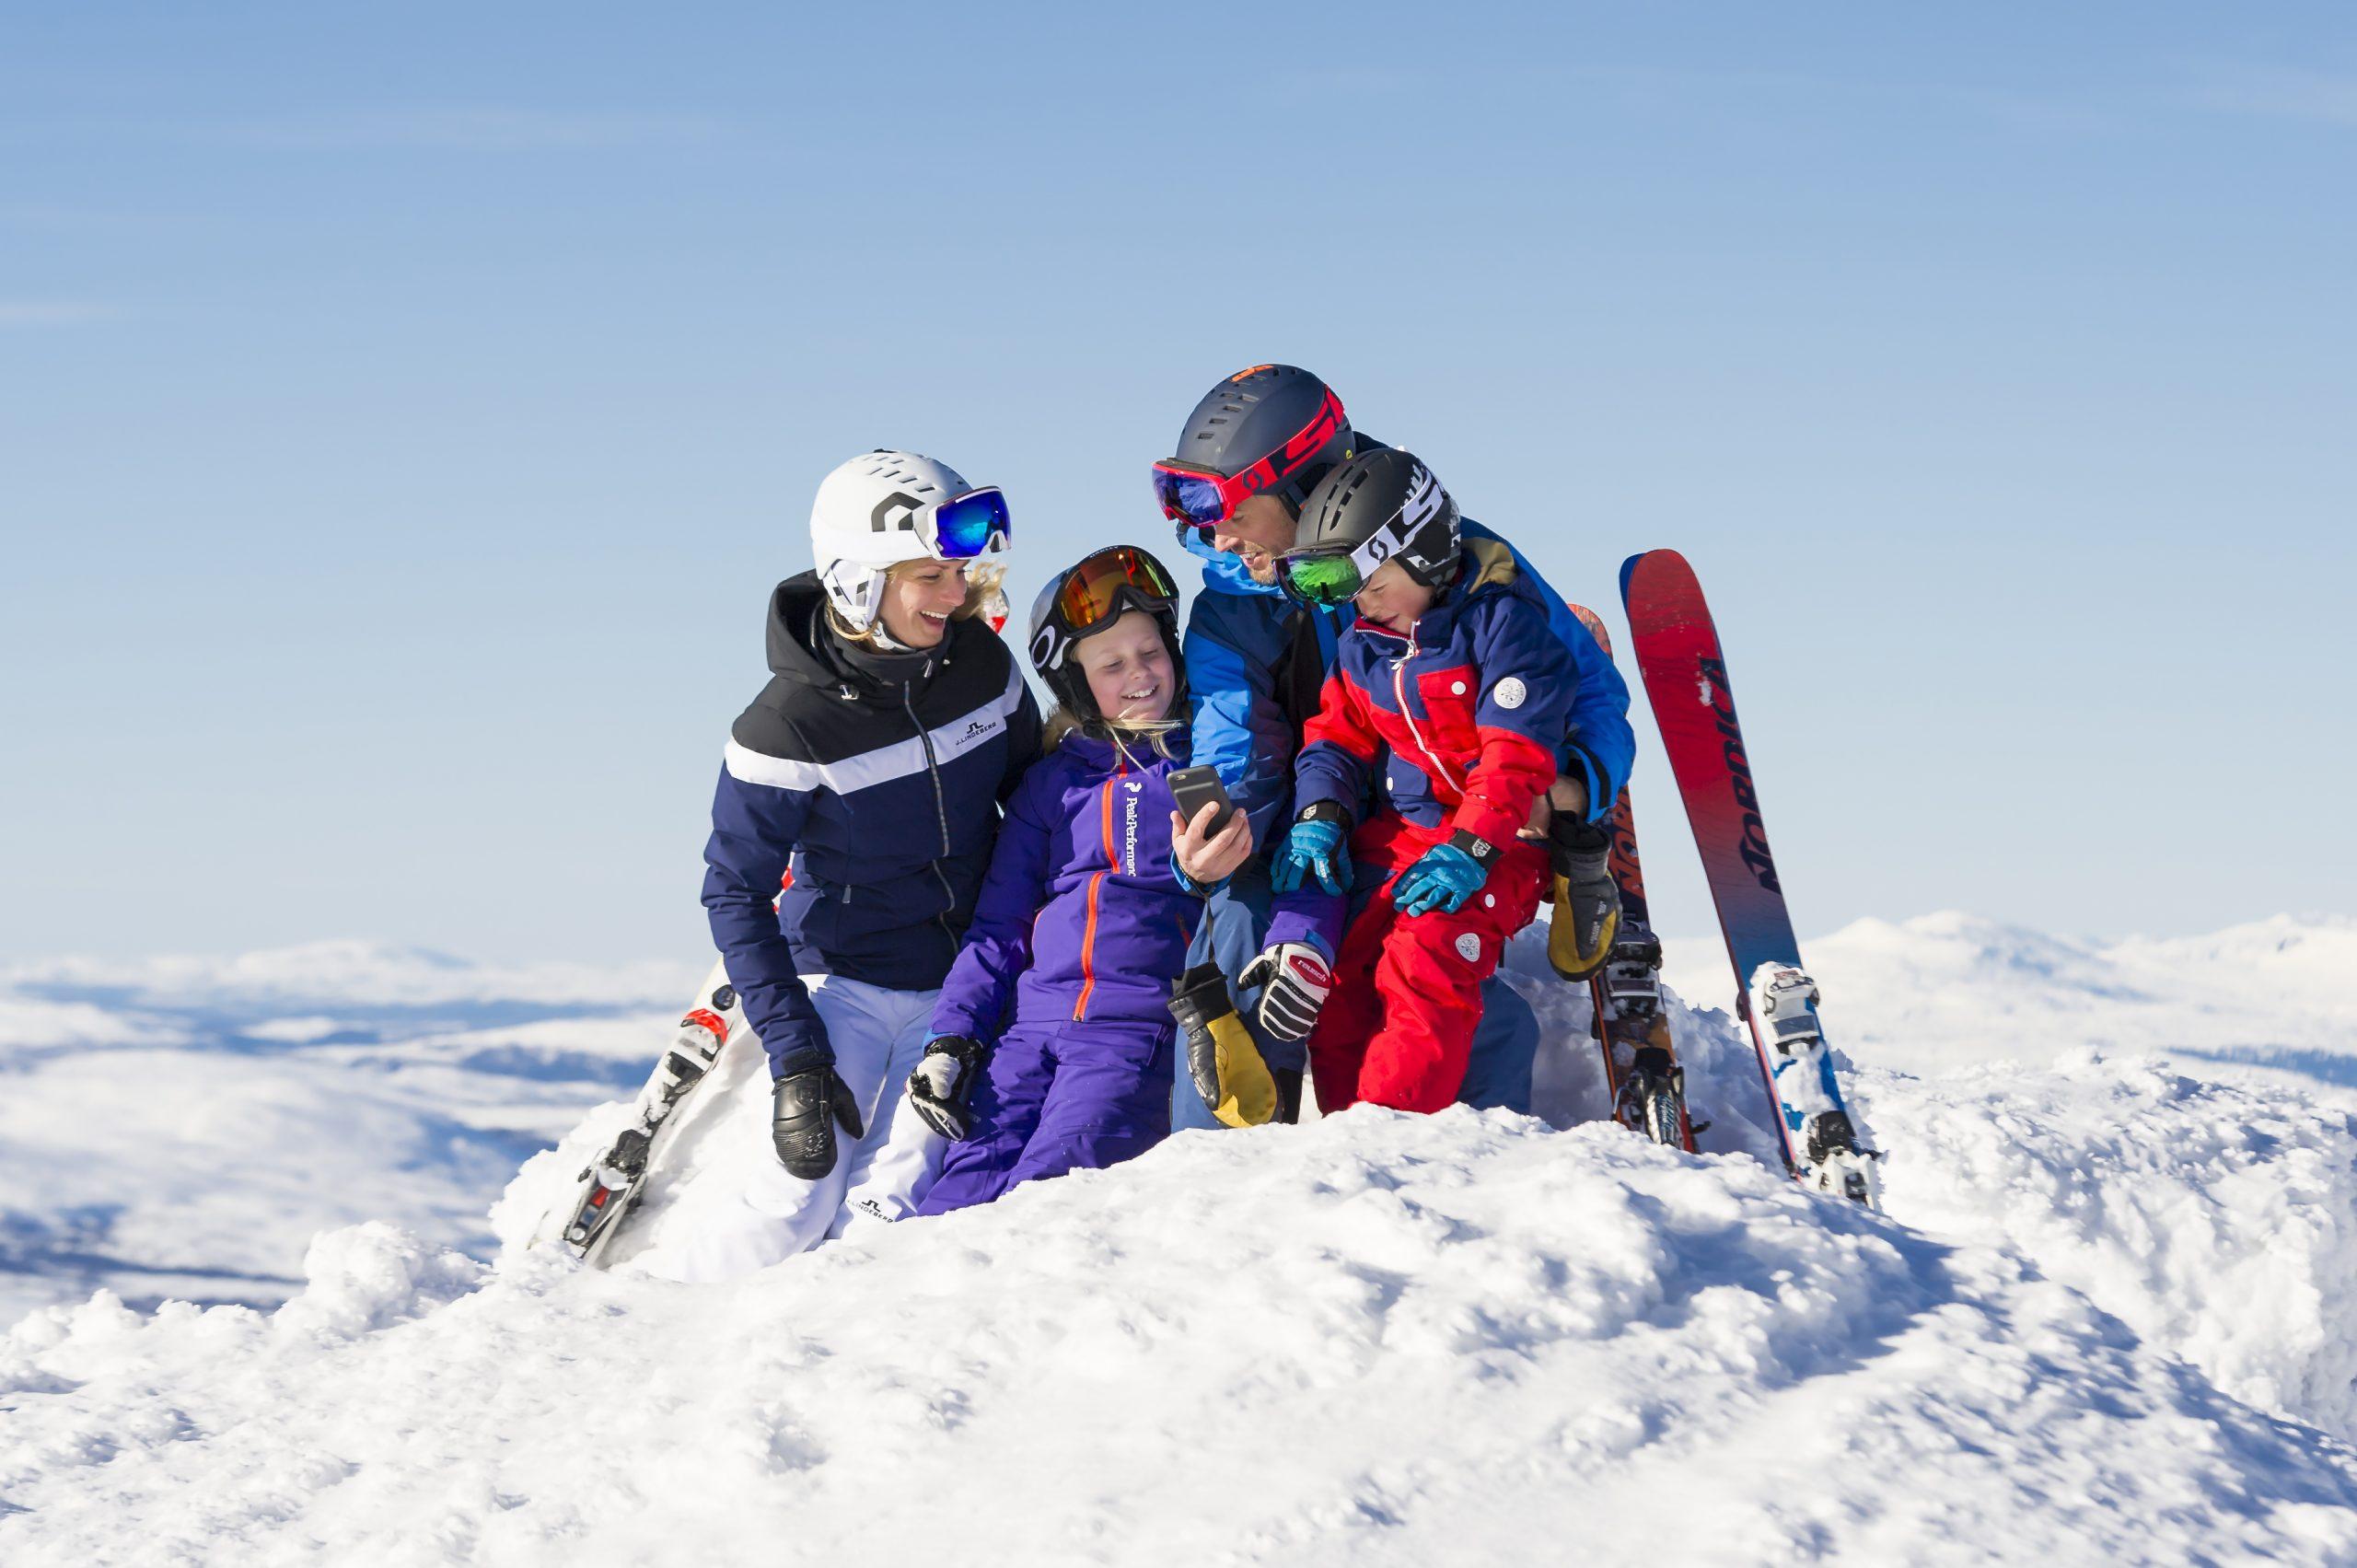 Europæiske ERV har udvidet samarbejdet med SkiStar, der ejer og driver Skandinaviens fem største skisportssteder samt St. Johann in Tyrol i Østrig. Pressefoto: SkiStar.